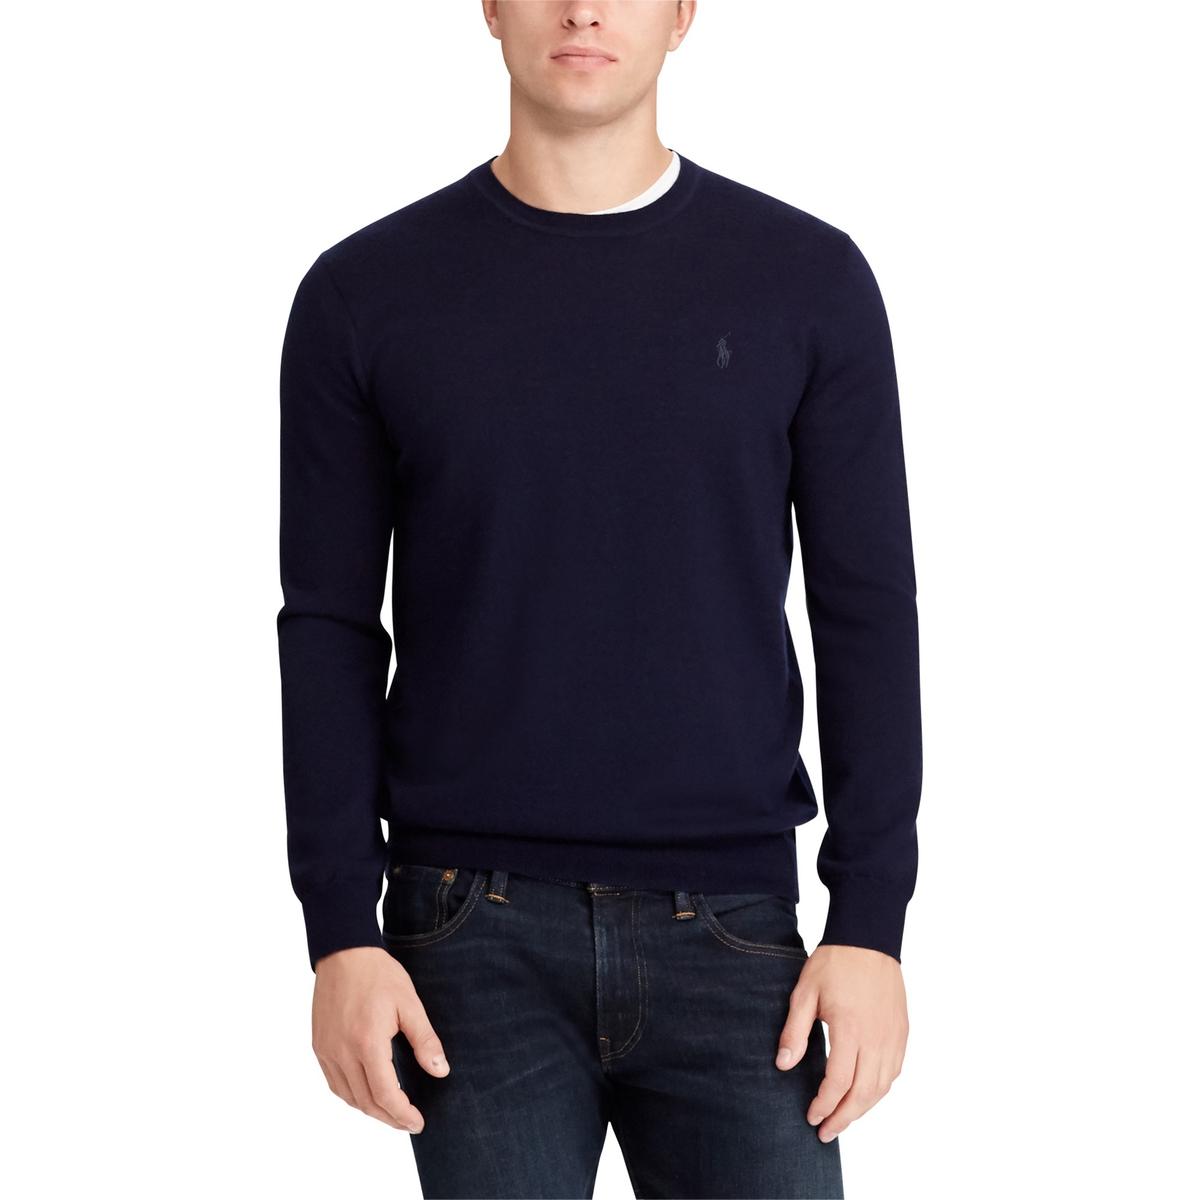 Пуловер La Redoute С круглым вырезом из шерсти мериноса S синий пуловер la redoute с круглым вырезом из шерсти мериноса pascal 3xl черный